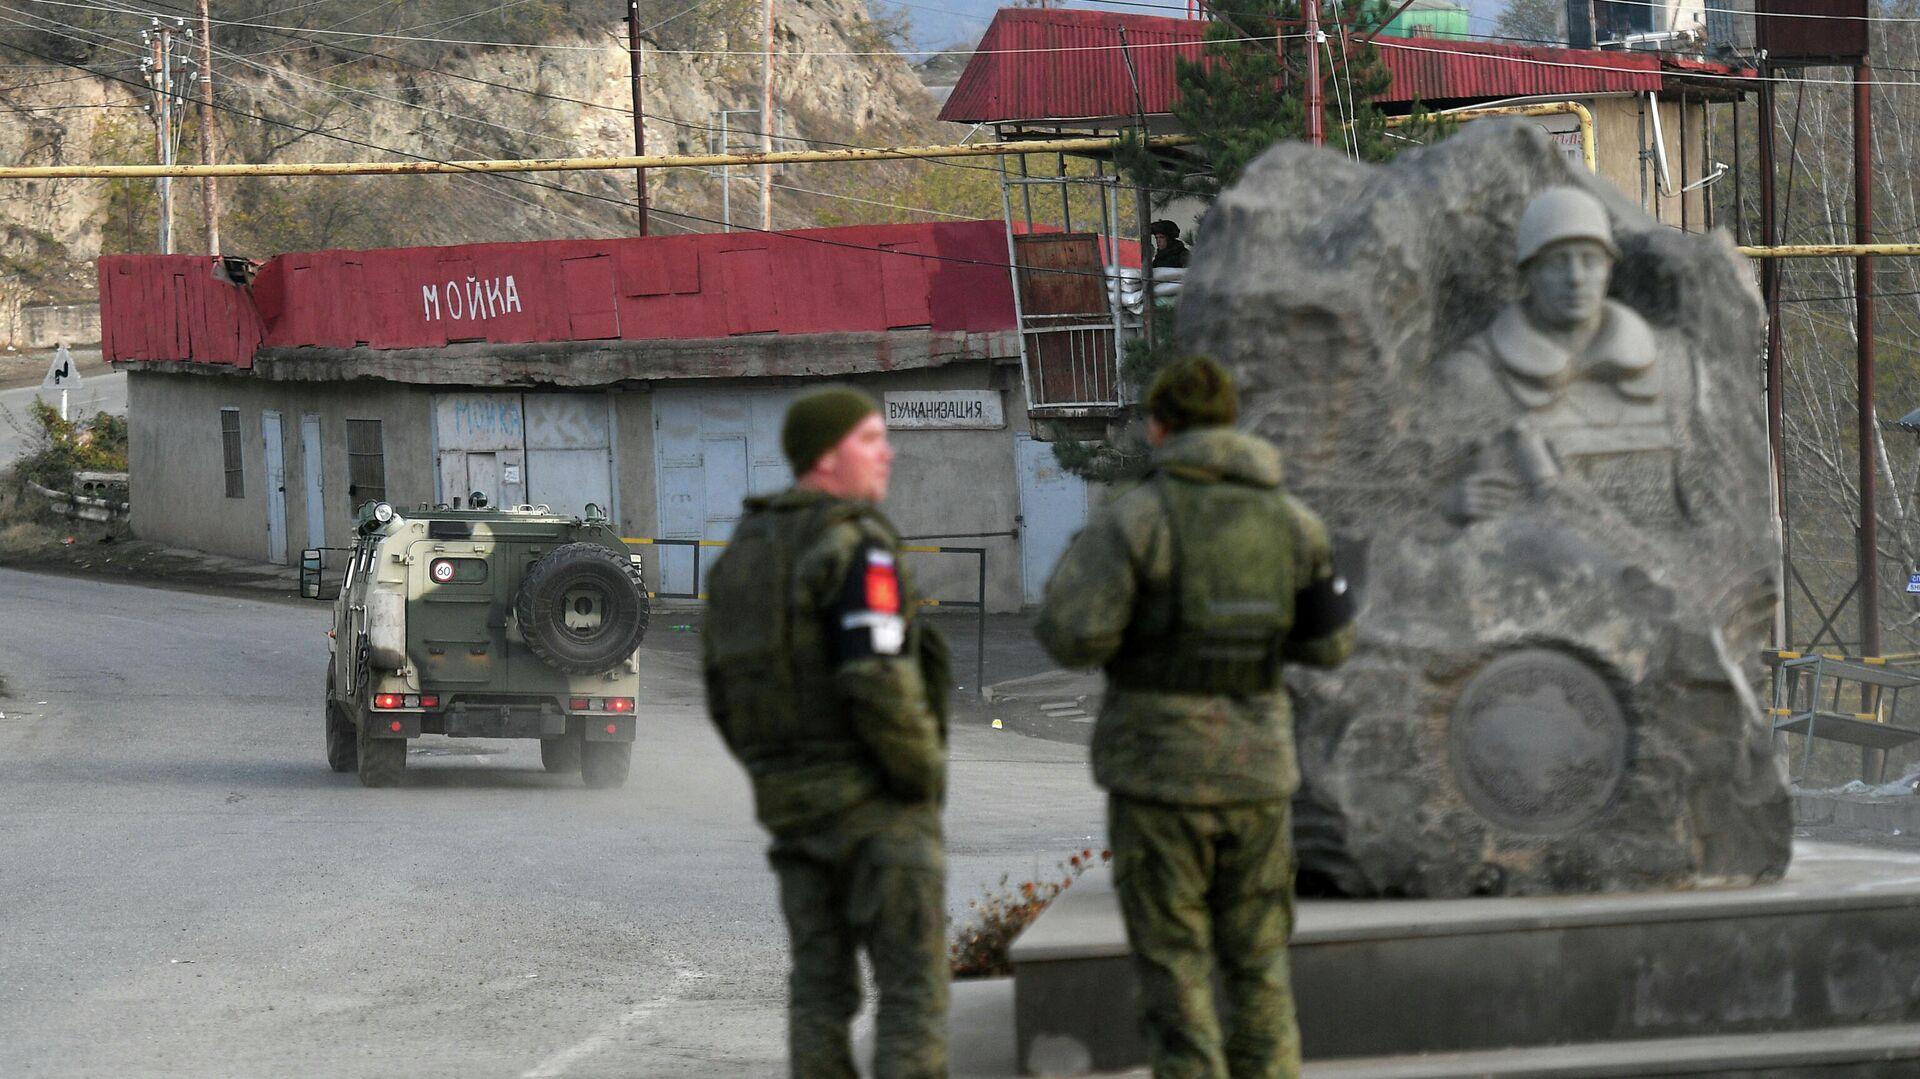 Российские миротворцы на одной из улиц в городе Лачин (Бердзор) в Нагорном Карабахе - РИА Новости, 1920, 03.12.2020